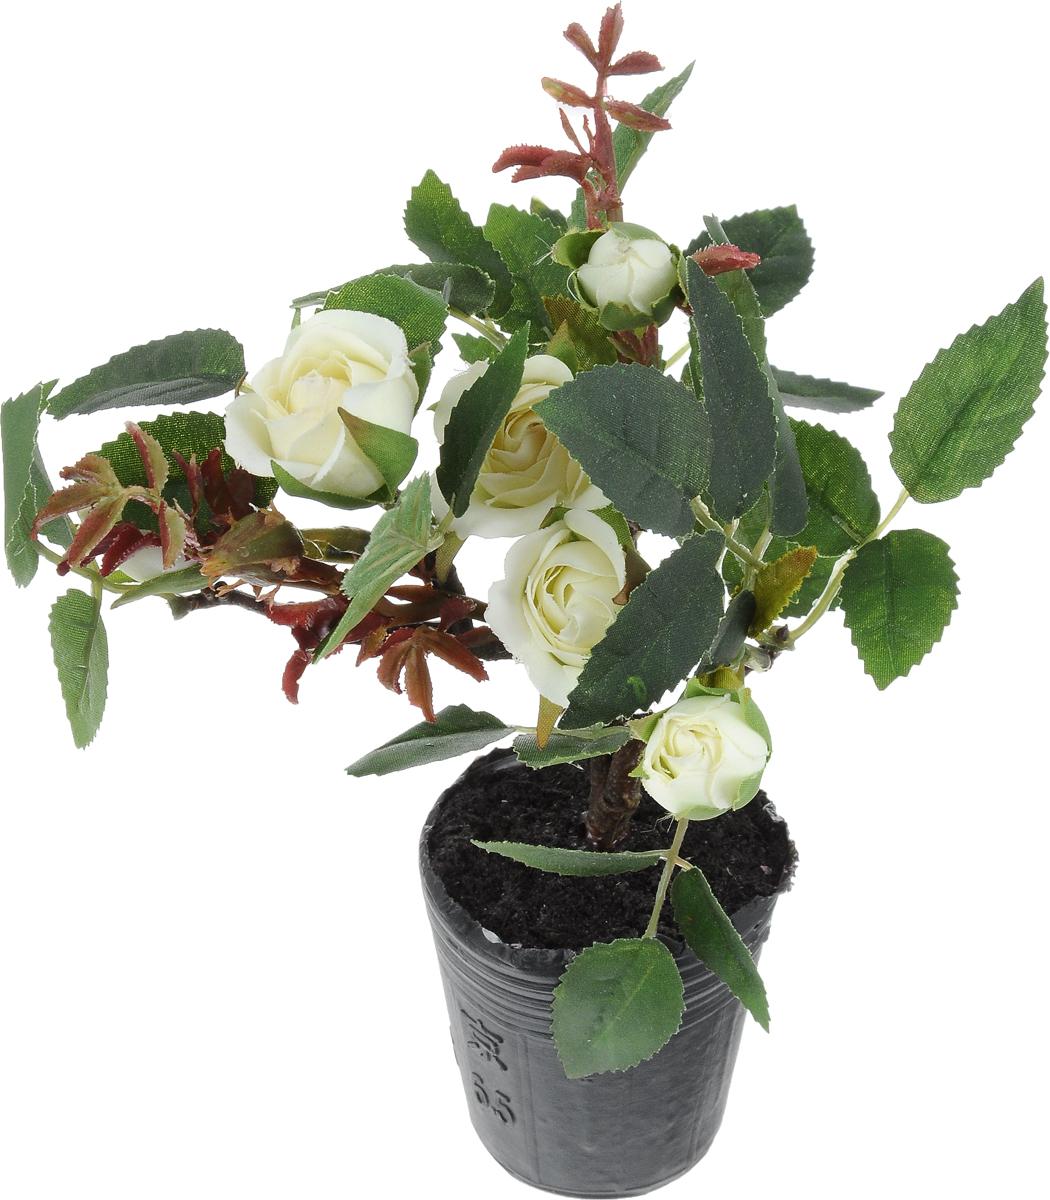 Растение искусственное для мини-сада Bloom`its, высота 20 см804833_белые розыИскусственное растение Bloom`its поможет создать свой собственный мини-сад. Заниматься ландшафтным дизайном и декором теперь можно, даже если у вас нет своего загородного дома, причем не выходя из дома. Устройте себе удовольствие садовода, собирая миниатюрные фигурки и составляя из них различные композиции. Объедините миниатюрные изделия в емкости (керамический горшок, корзина, деревянный ящик или стеклянная посуда) и добавьте мини-растения. Это не только поможет увлекательно провести время, раскрывая ваше воображение и фантазию, результат работы станет стильным и необычным украшением интерьера.